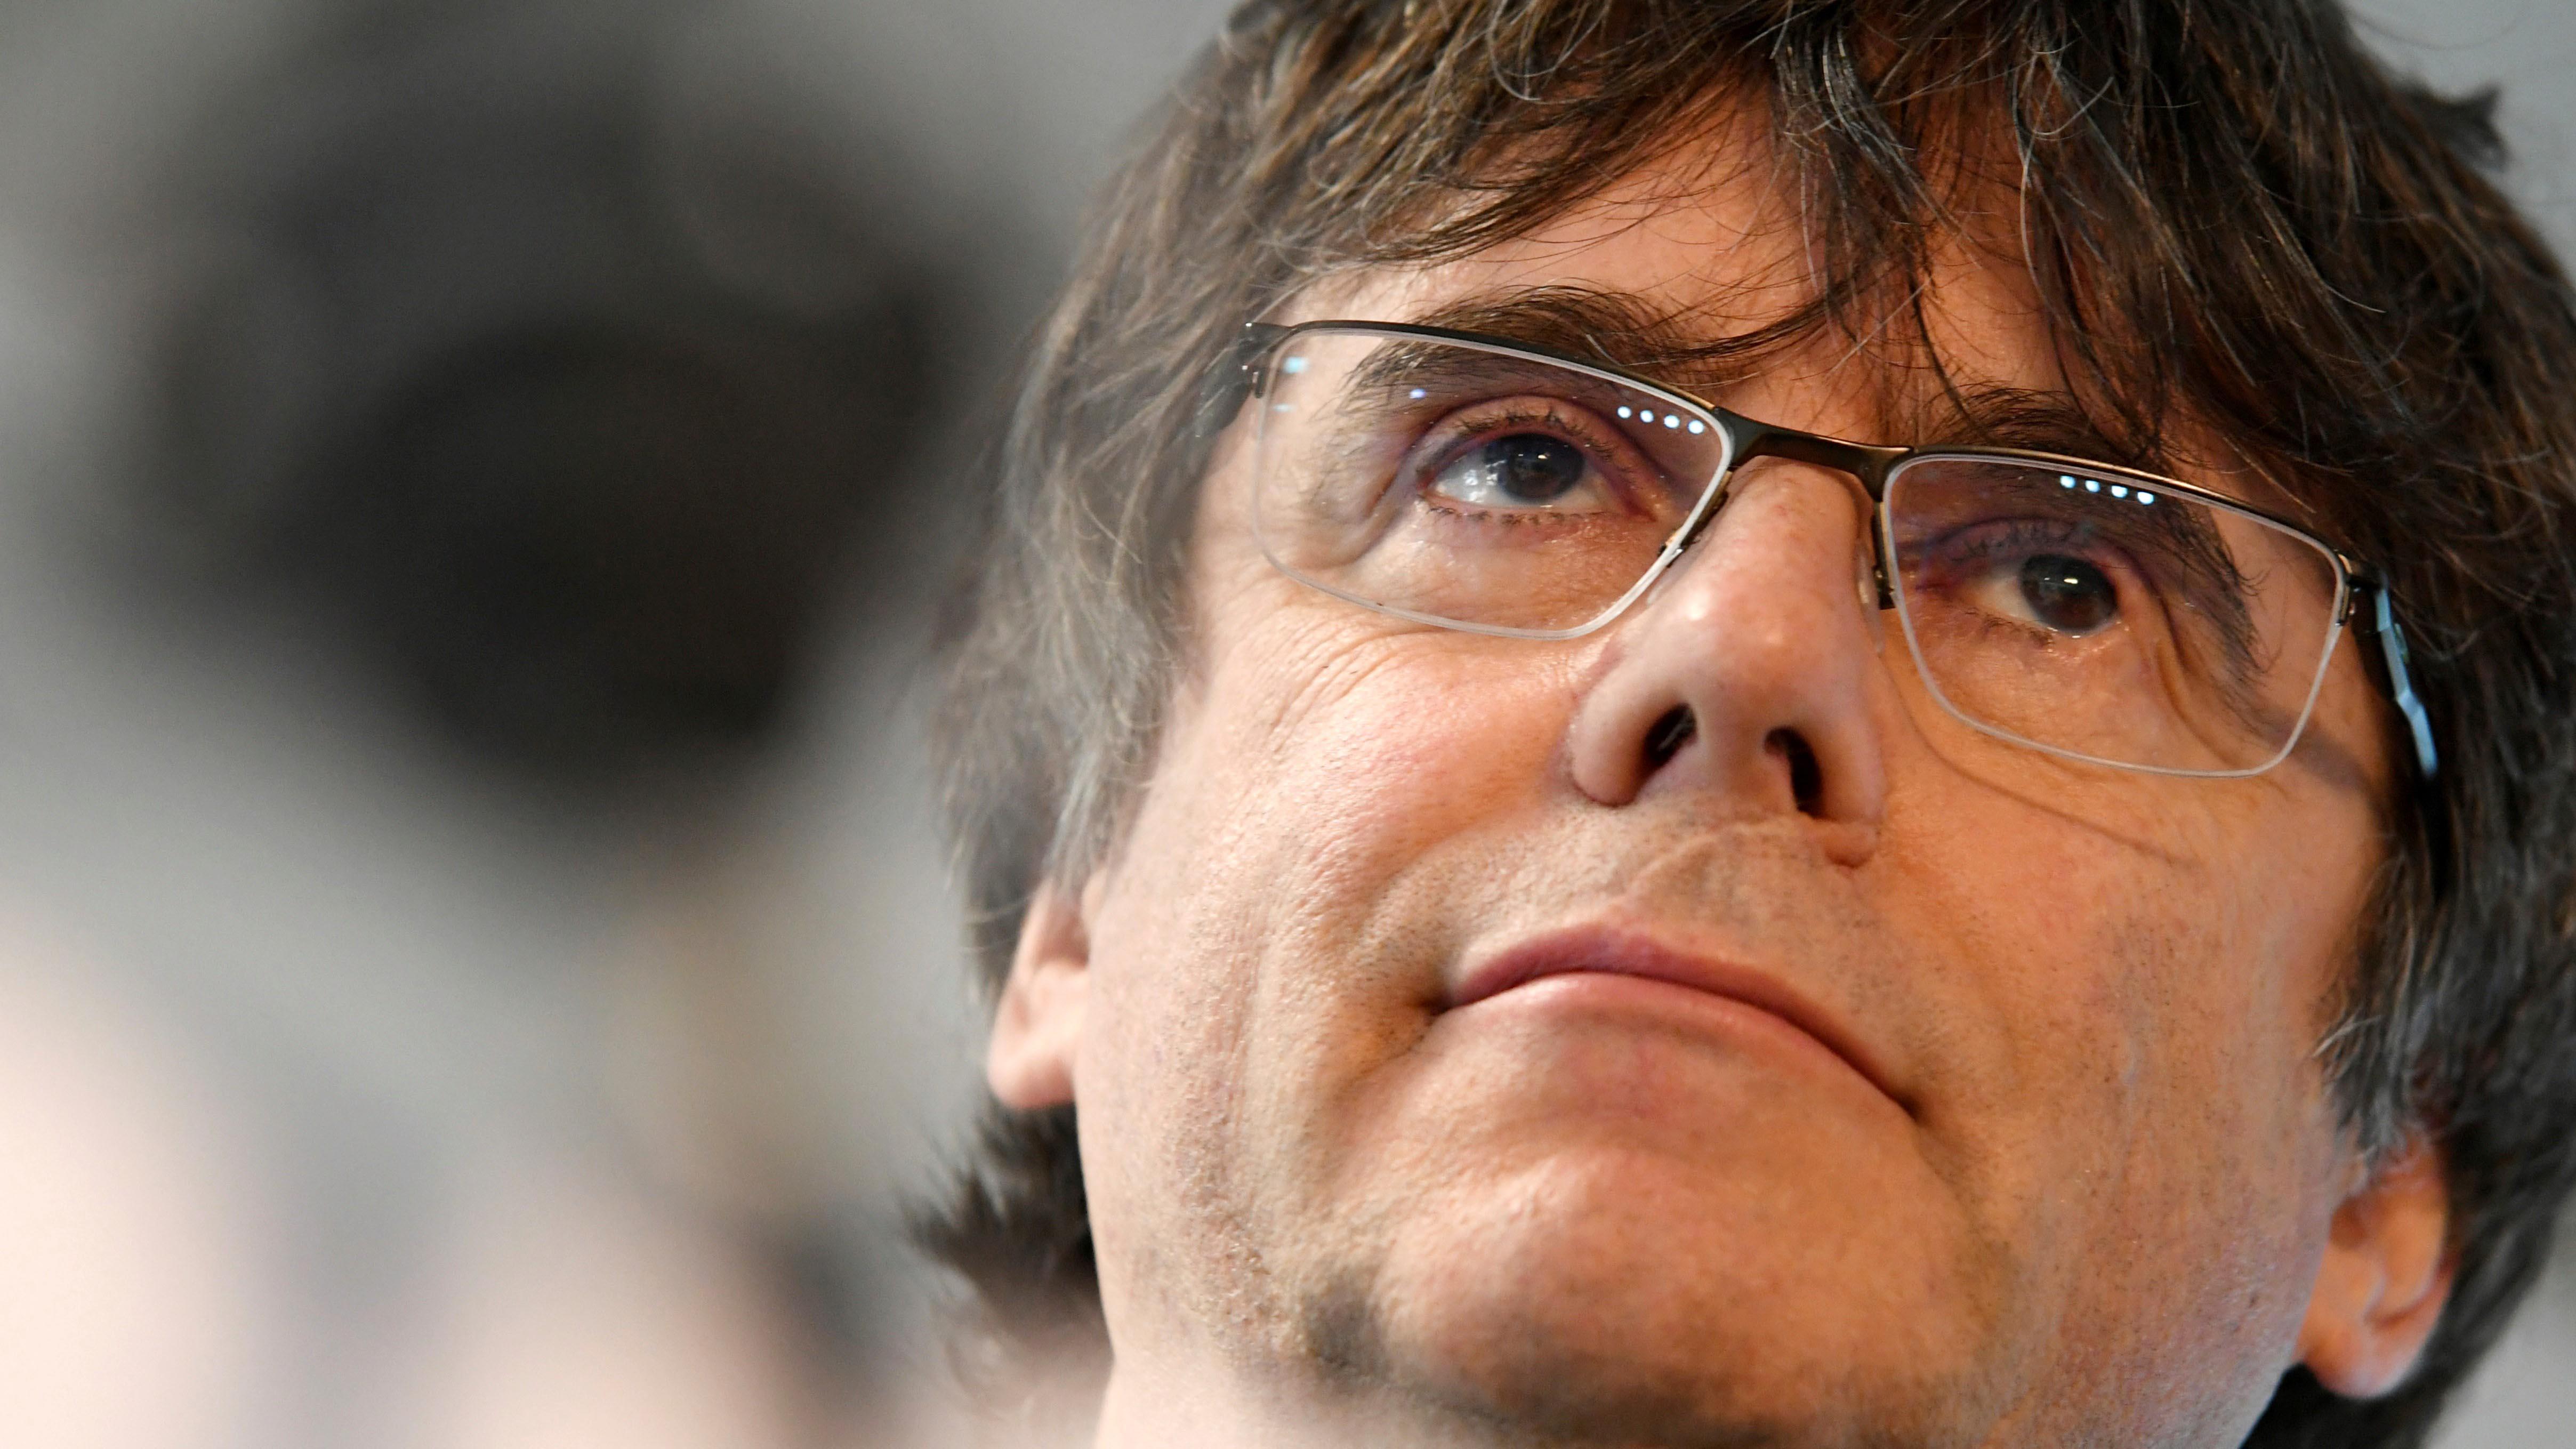 ENQUESTA: Creus que la justícia belga hauria d'extradir Puigdemont i entregar-lo a Espanya?